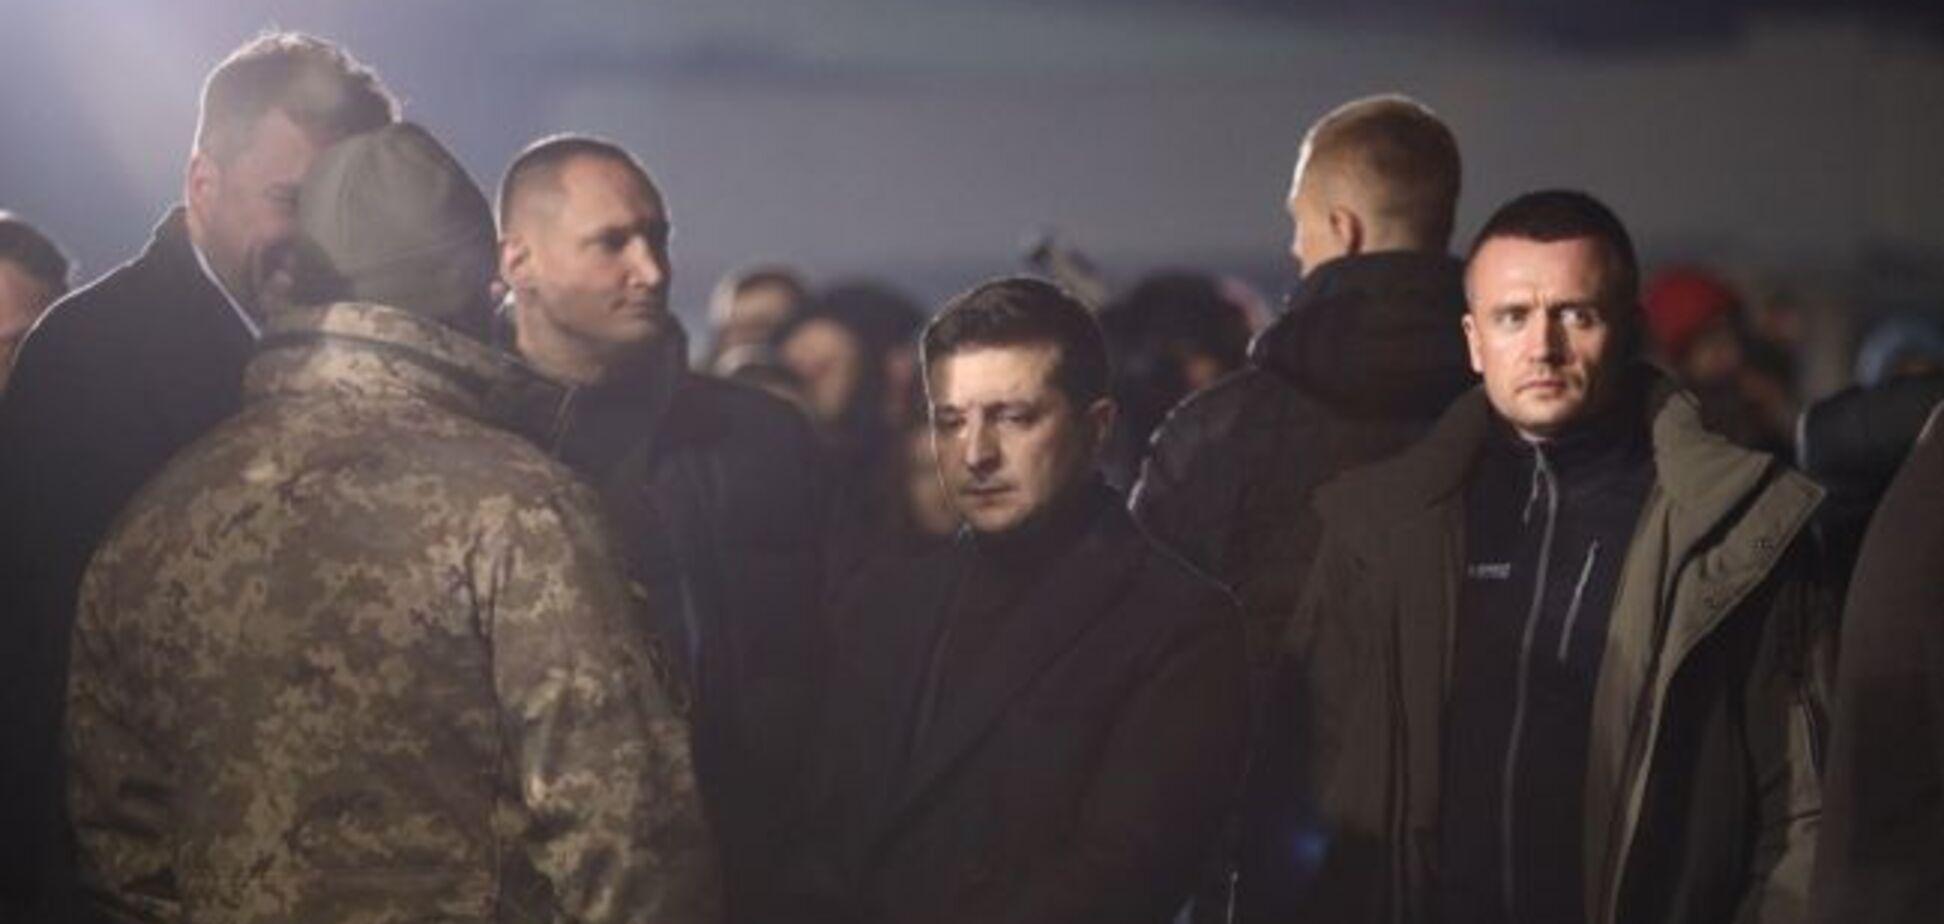 Не позже Пасхи: Зеленский договорился об обмене пленными с 'Л/ДНР'